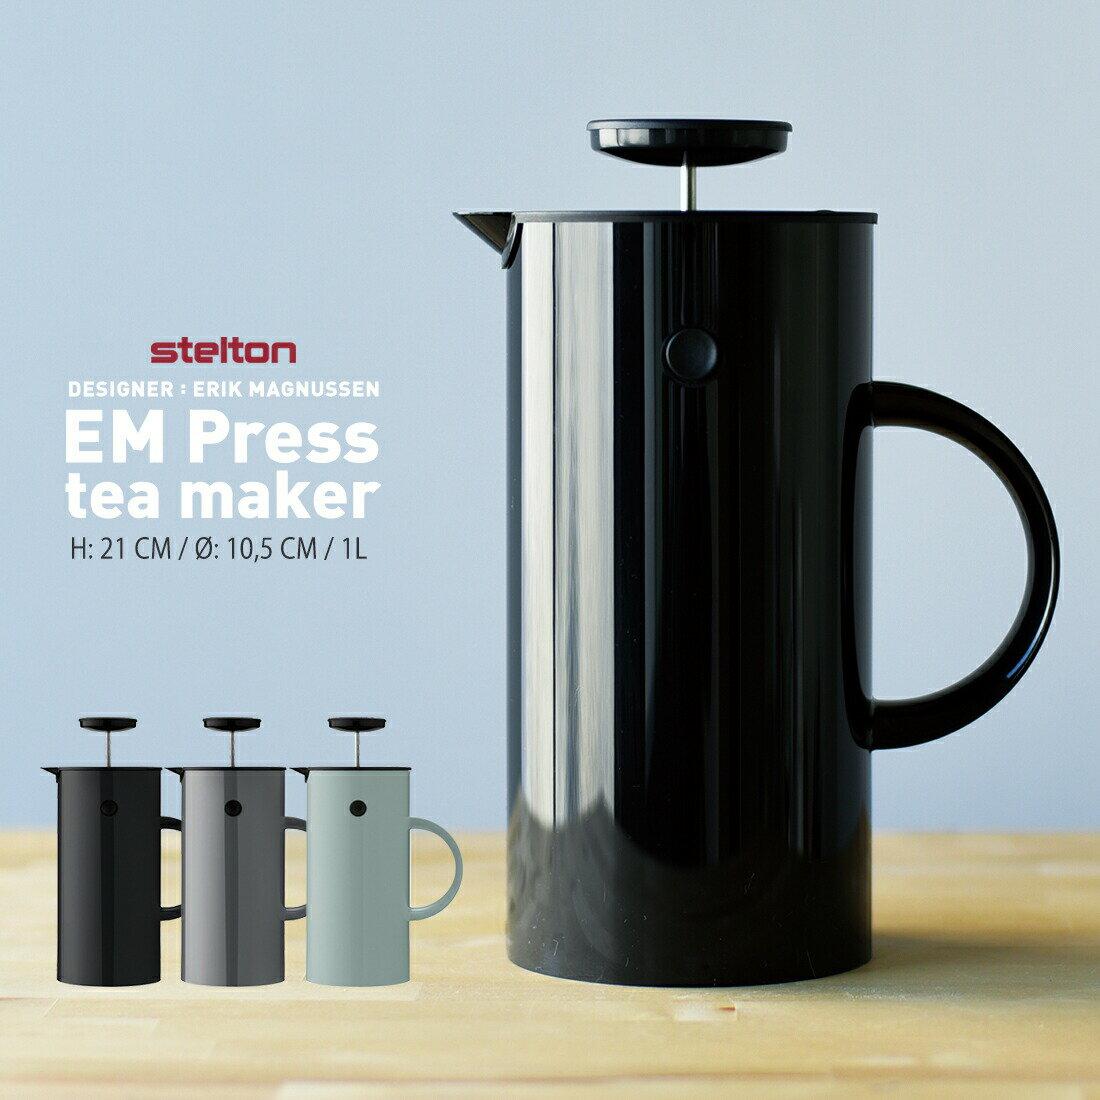 店舗クーポン発行中!STELTON ステルトン EM Press tea maker ティーメーカーティープレス 紅茶 保温 ジャグ 北欧